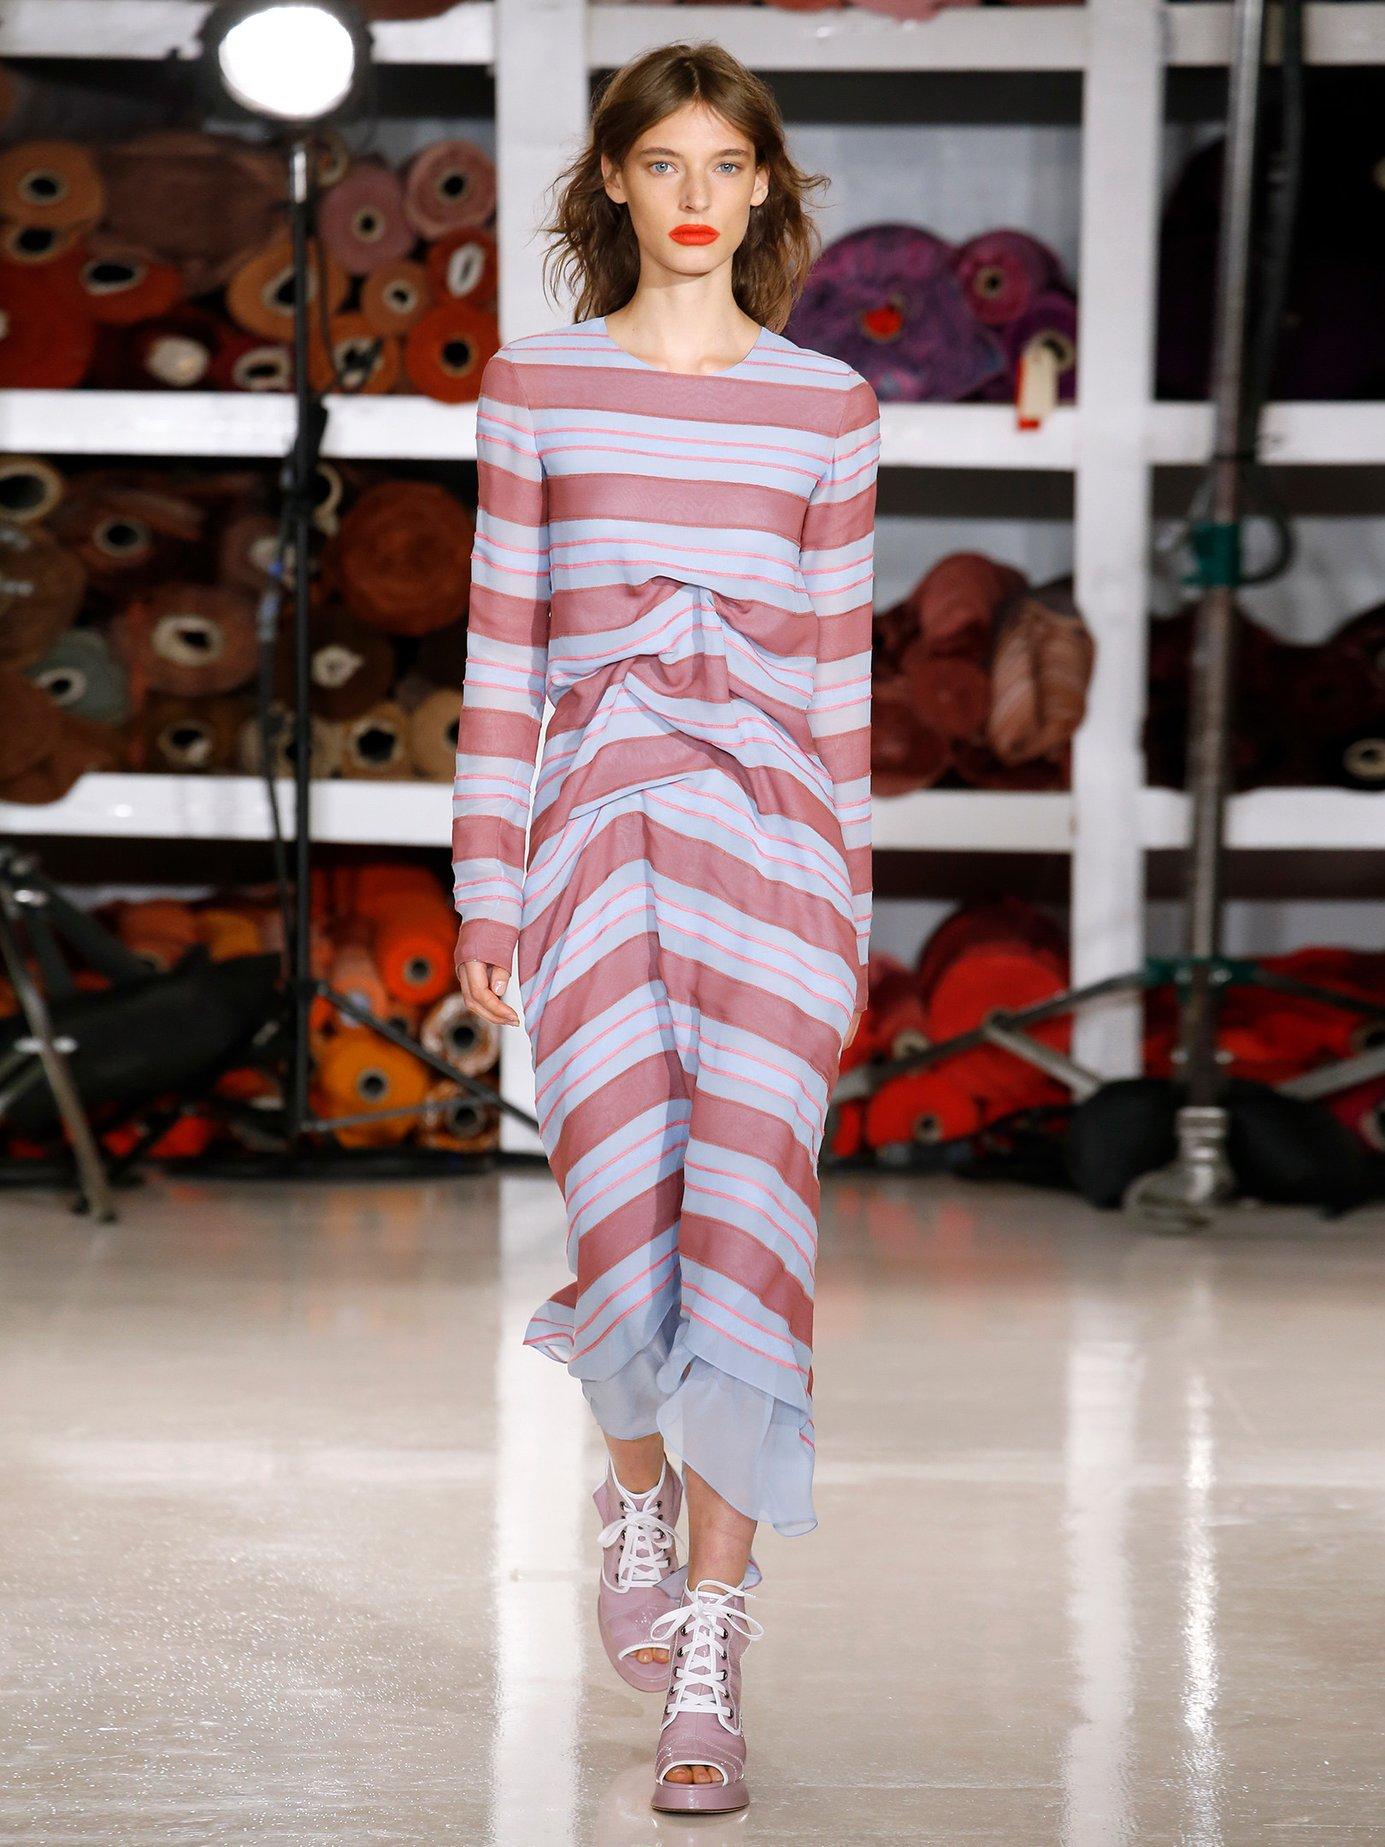 Elodie striped-jacquard silk dress by Sies Marjan